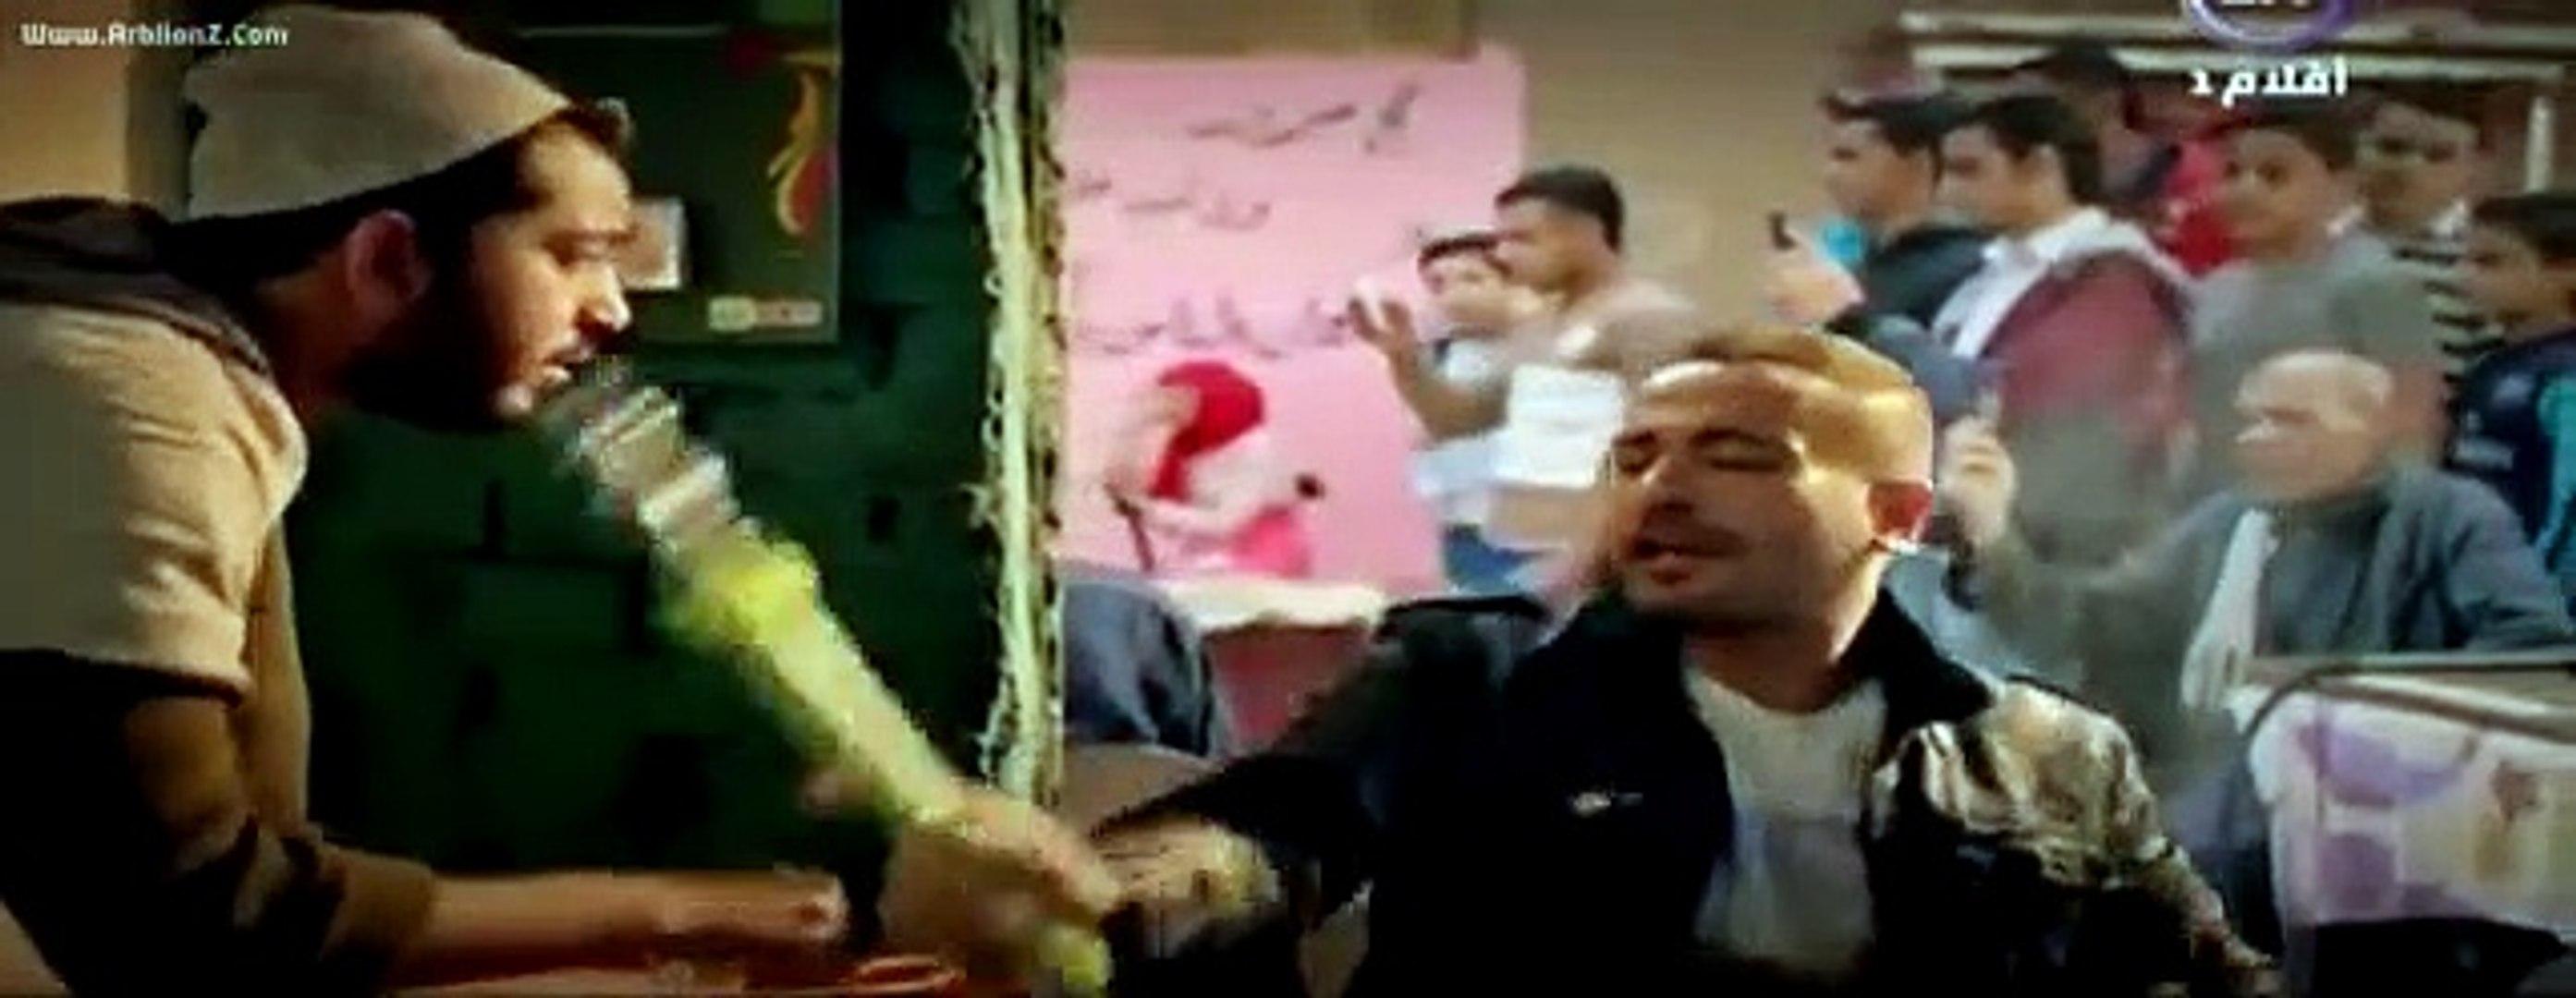 الفيلم المصري الخروج عن النص 2019 HD - 1of2